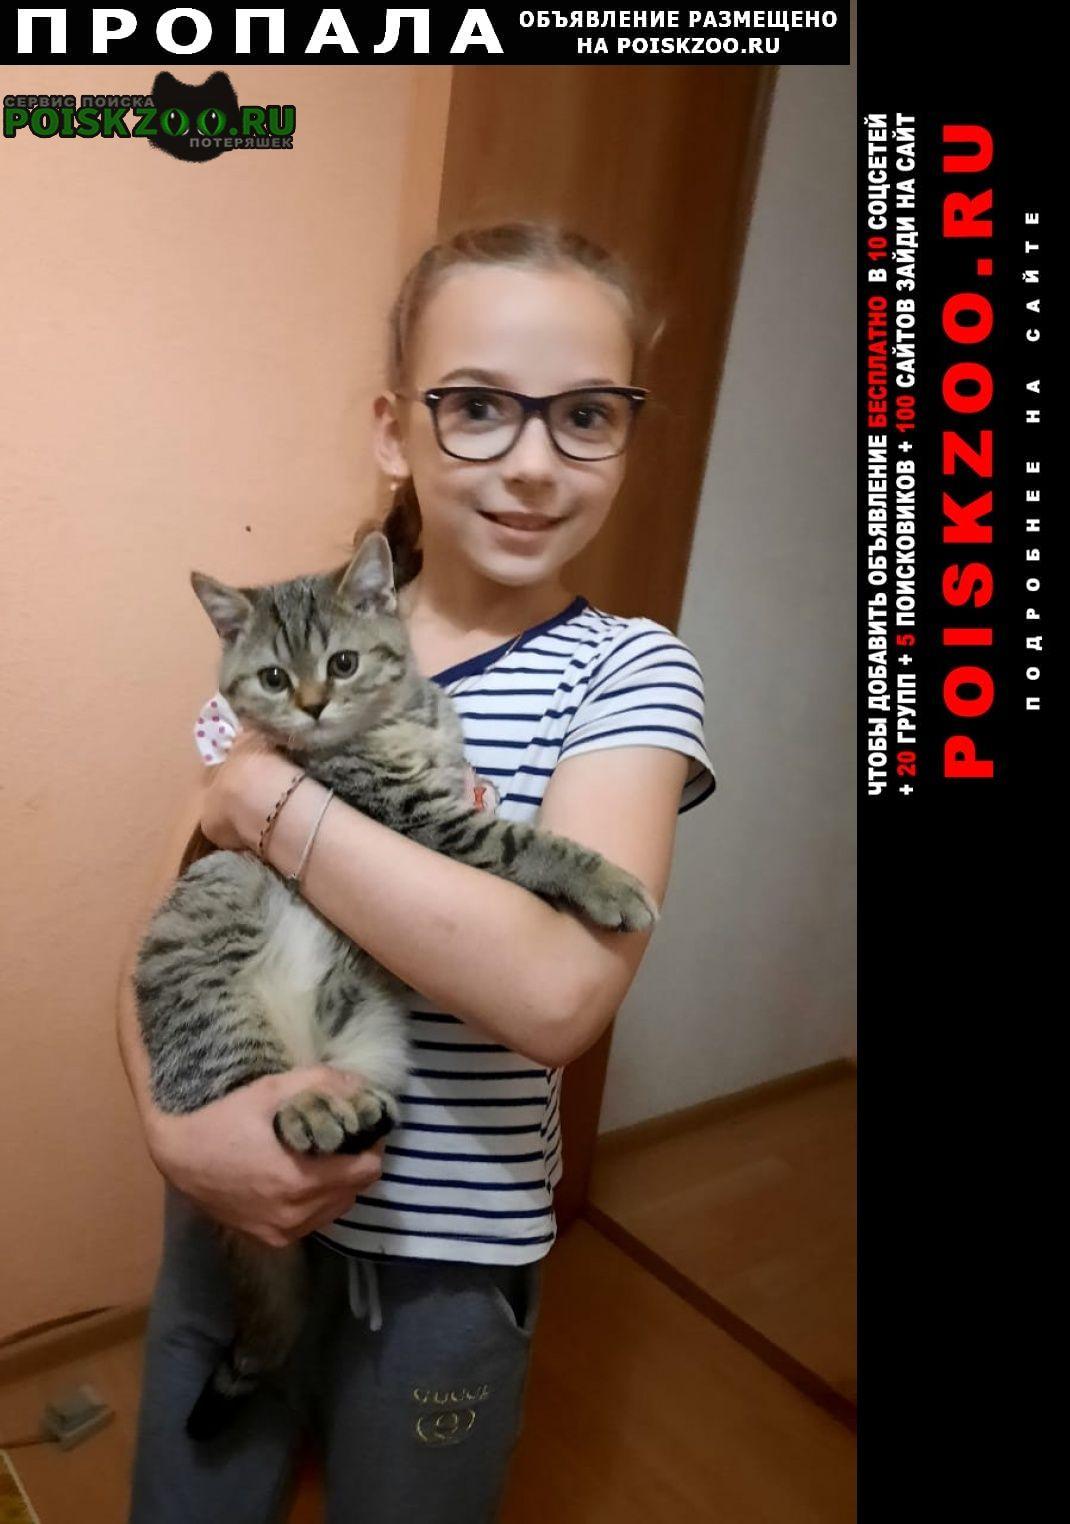 Пропал кот чертаново южное Москва